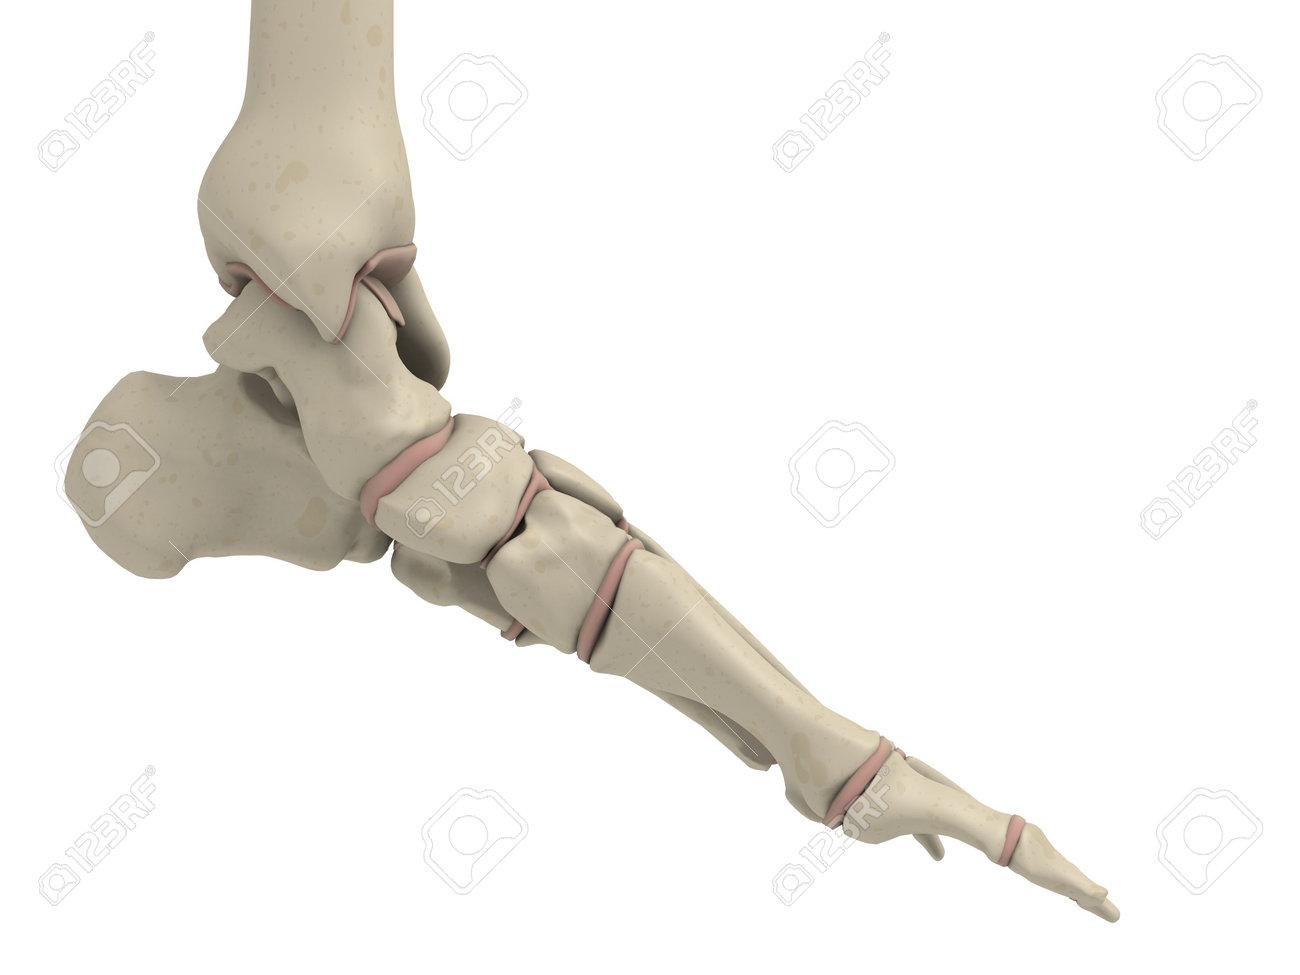 Skelett-Fuß Lizenzfreie Fotos, Bilder Und Stock Fotografie. Image ...